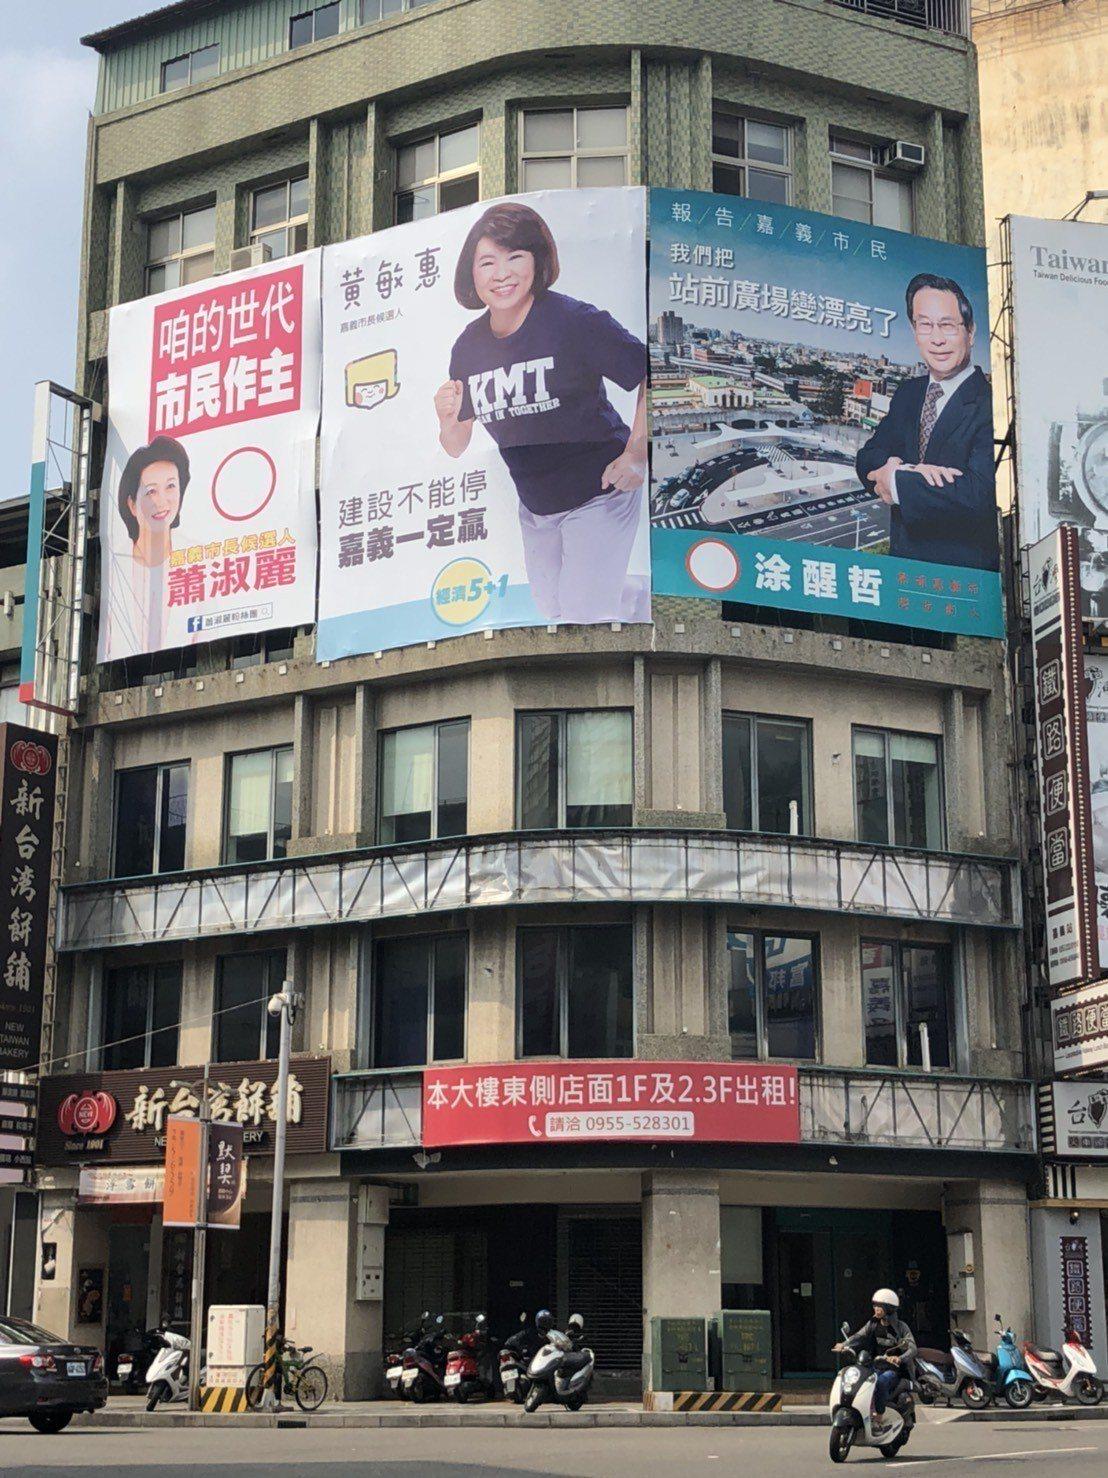 嘉義市長參選人涂醒哲、黃敏惠、蕭淑麗在嘉義市各街頭的看板常毗鄰懸掛,頗有「超級比...